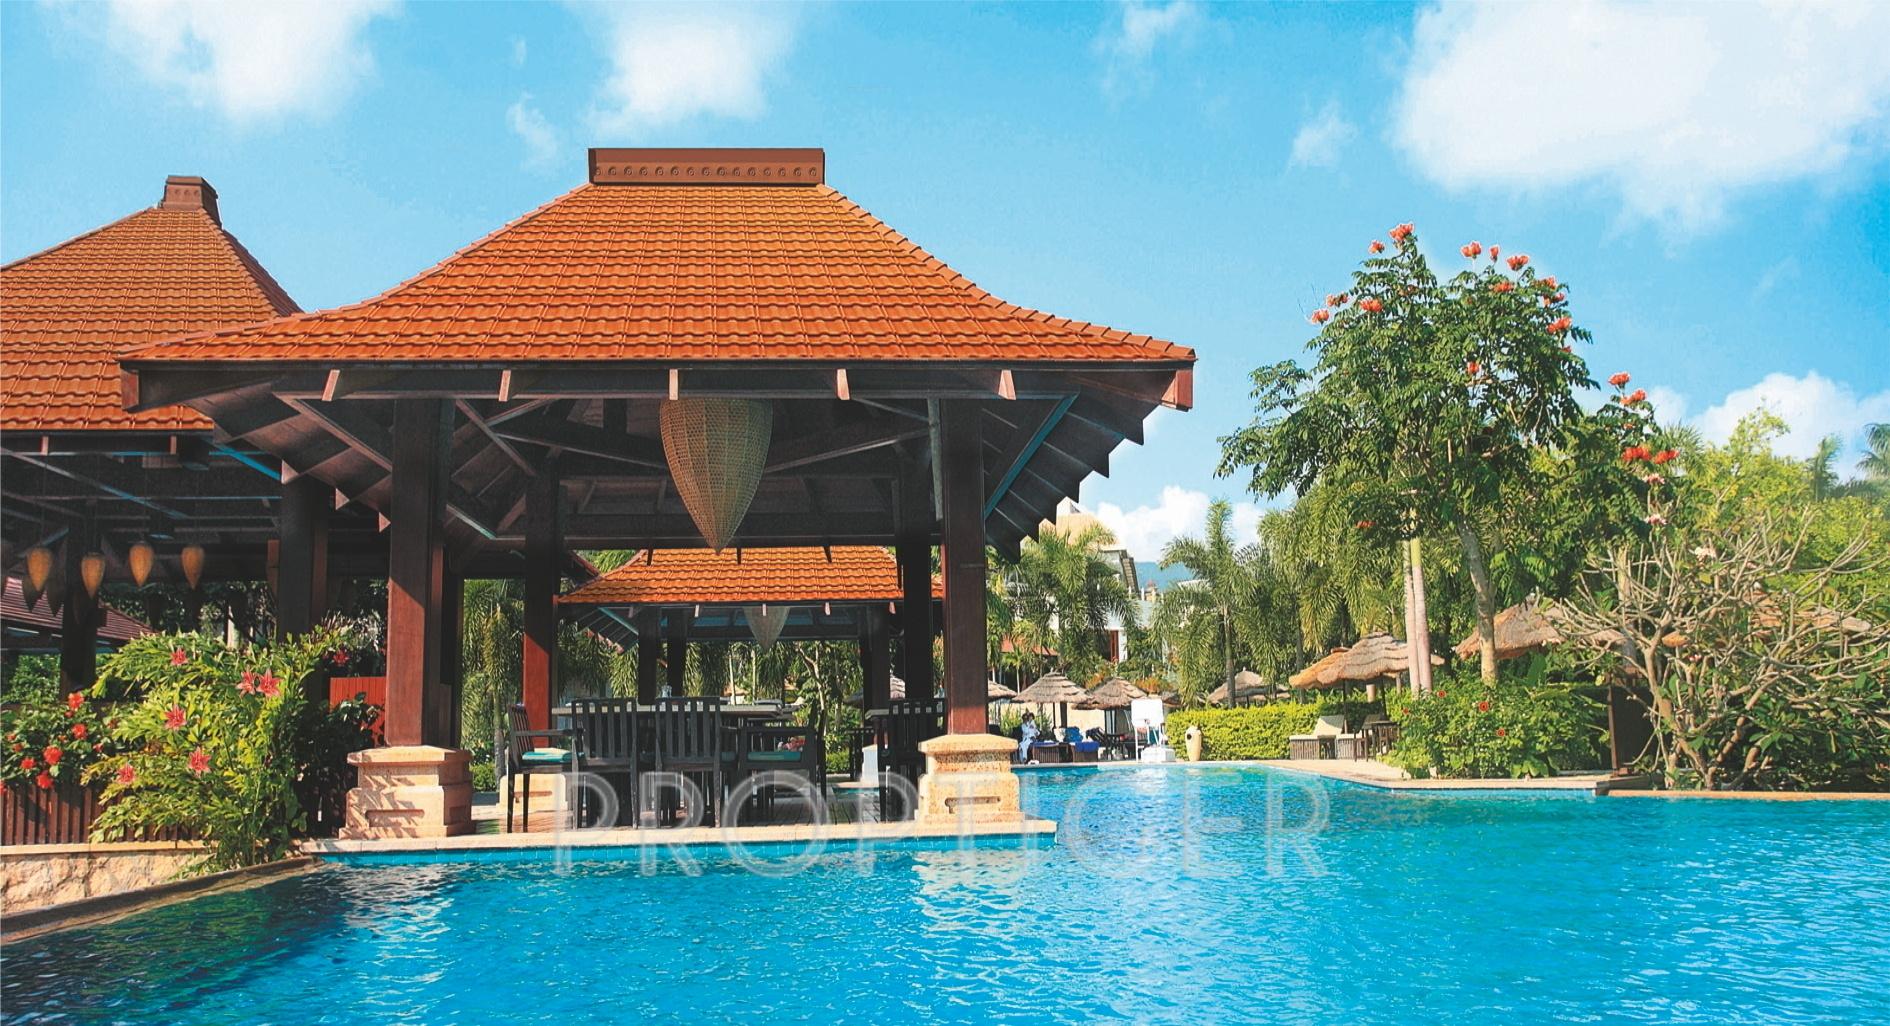 Puraniks iRumahi Bali in Thane West Mumbai Price